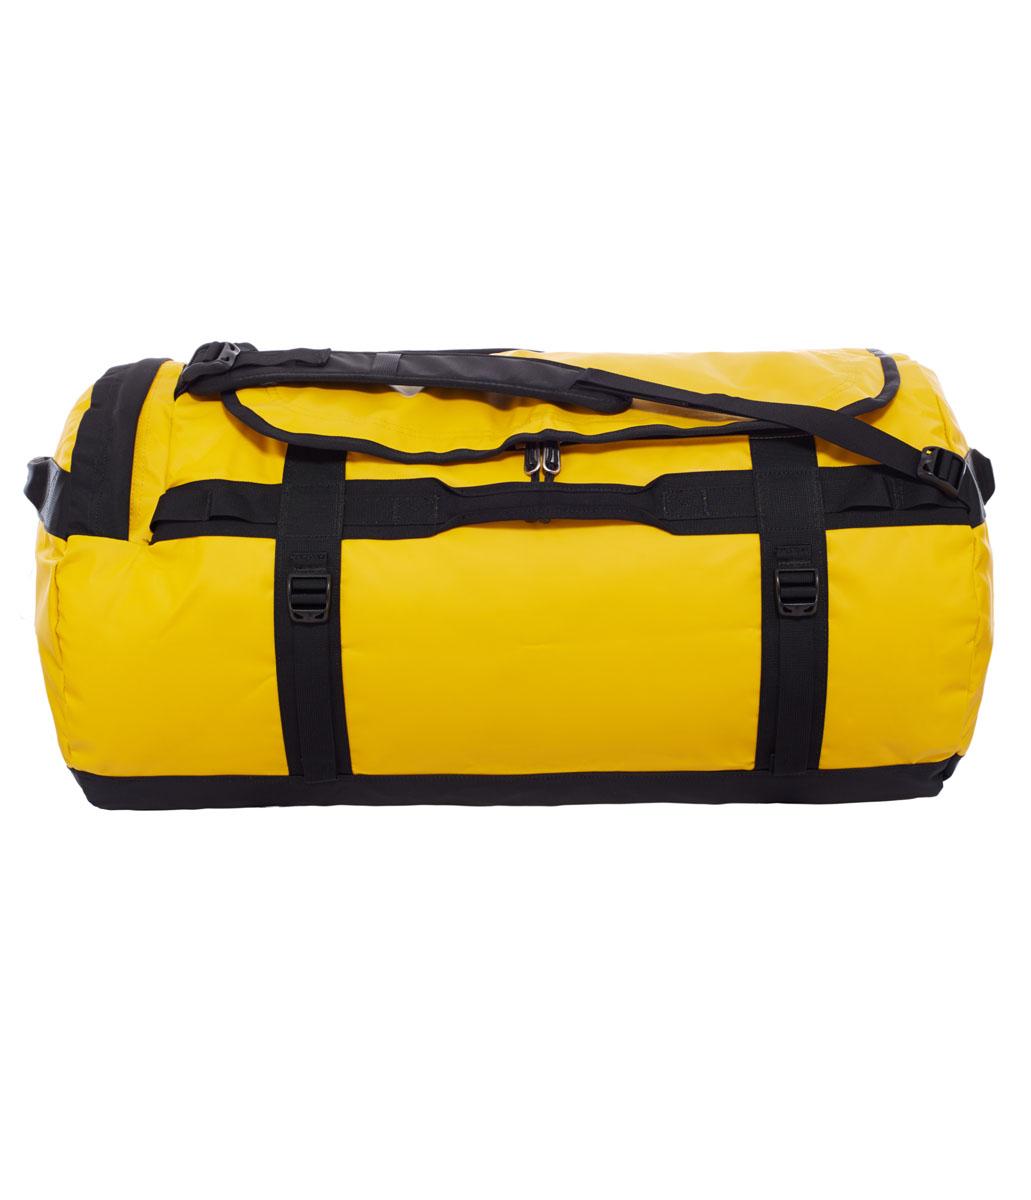 Сумка дорожная The North Face Base Camp Duffel - L, цвет: желтый. T0CWW1ZU3T0CWW1ZU3Знаменитый баул, который ценят по всему миру за его надежность. Новые детали включают боковой карман на молнии для телефона или необходимых в пути документов, улучшенные эргономичные плечевые лямки, новые мягкие боковые ручки, которые позволяют с удобством переносить или тащить тяжелые грузы. В то же время, проверенная временем конструкция из нейлона баллистик все так же надежна, как и прежде.